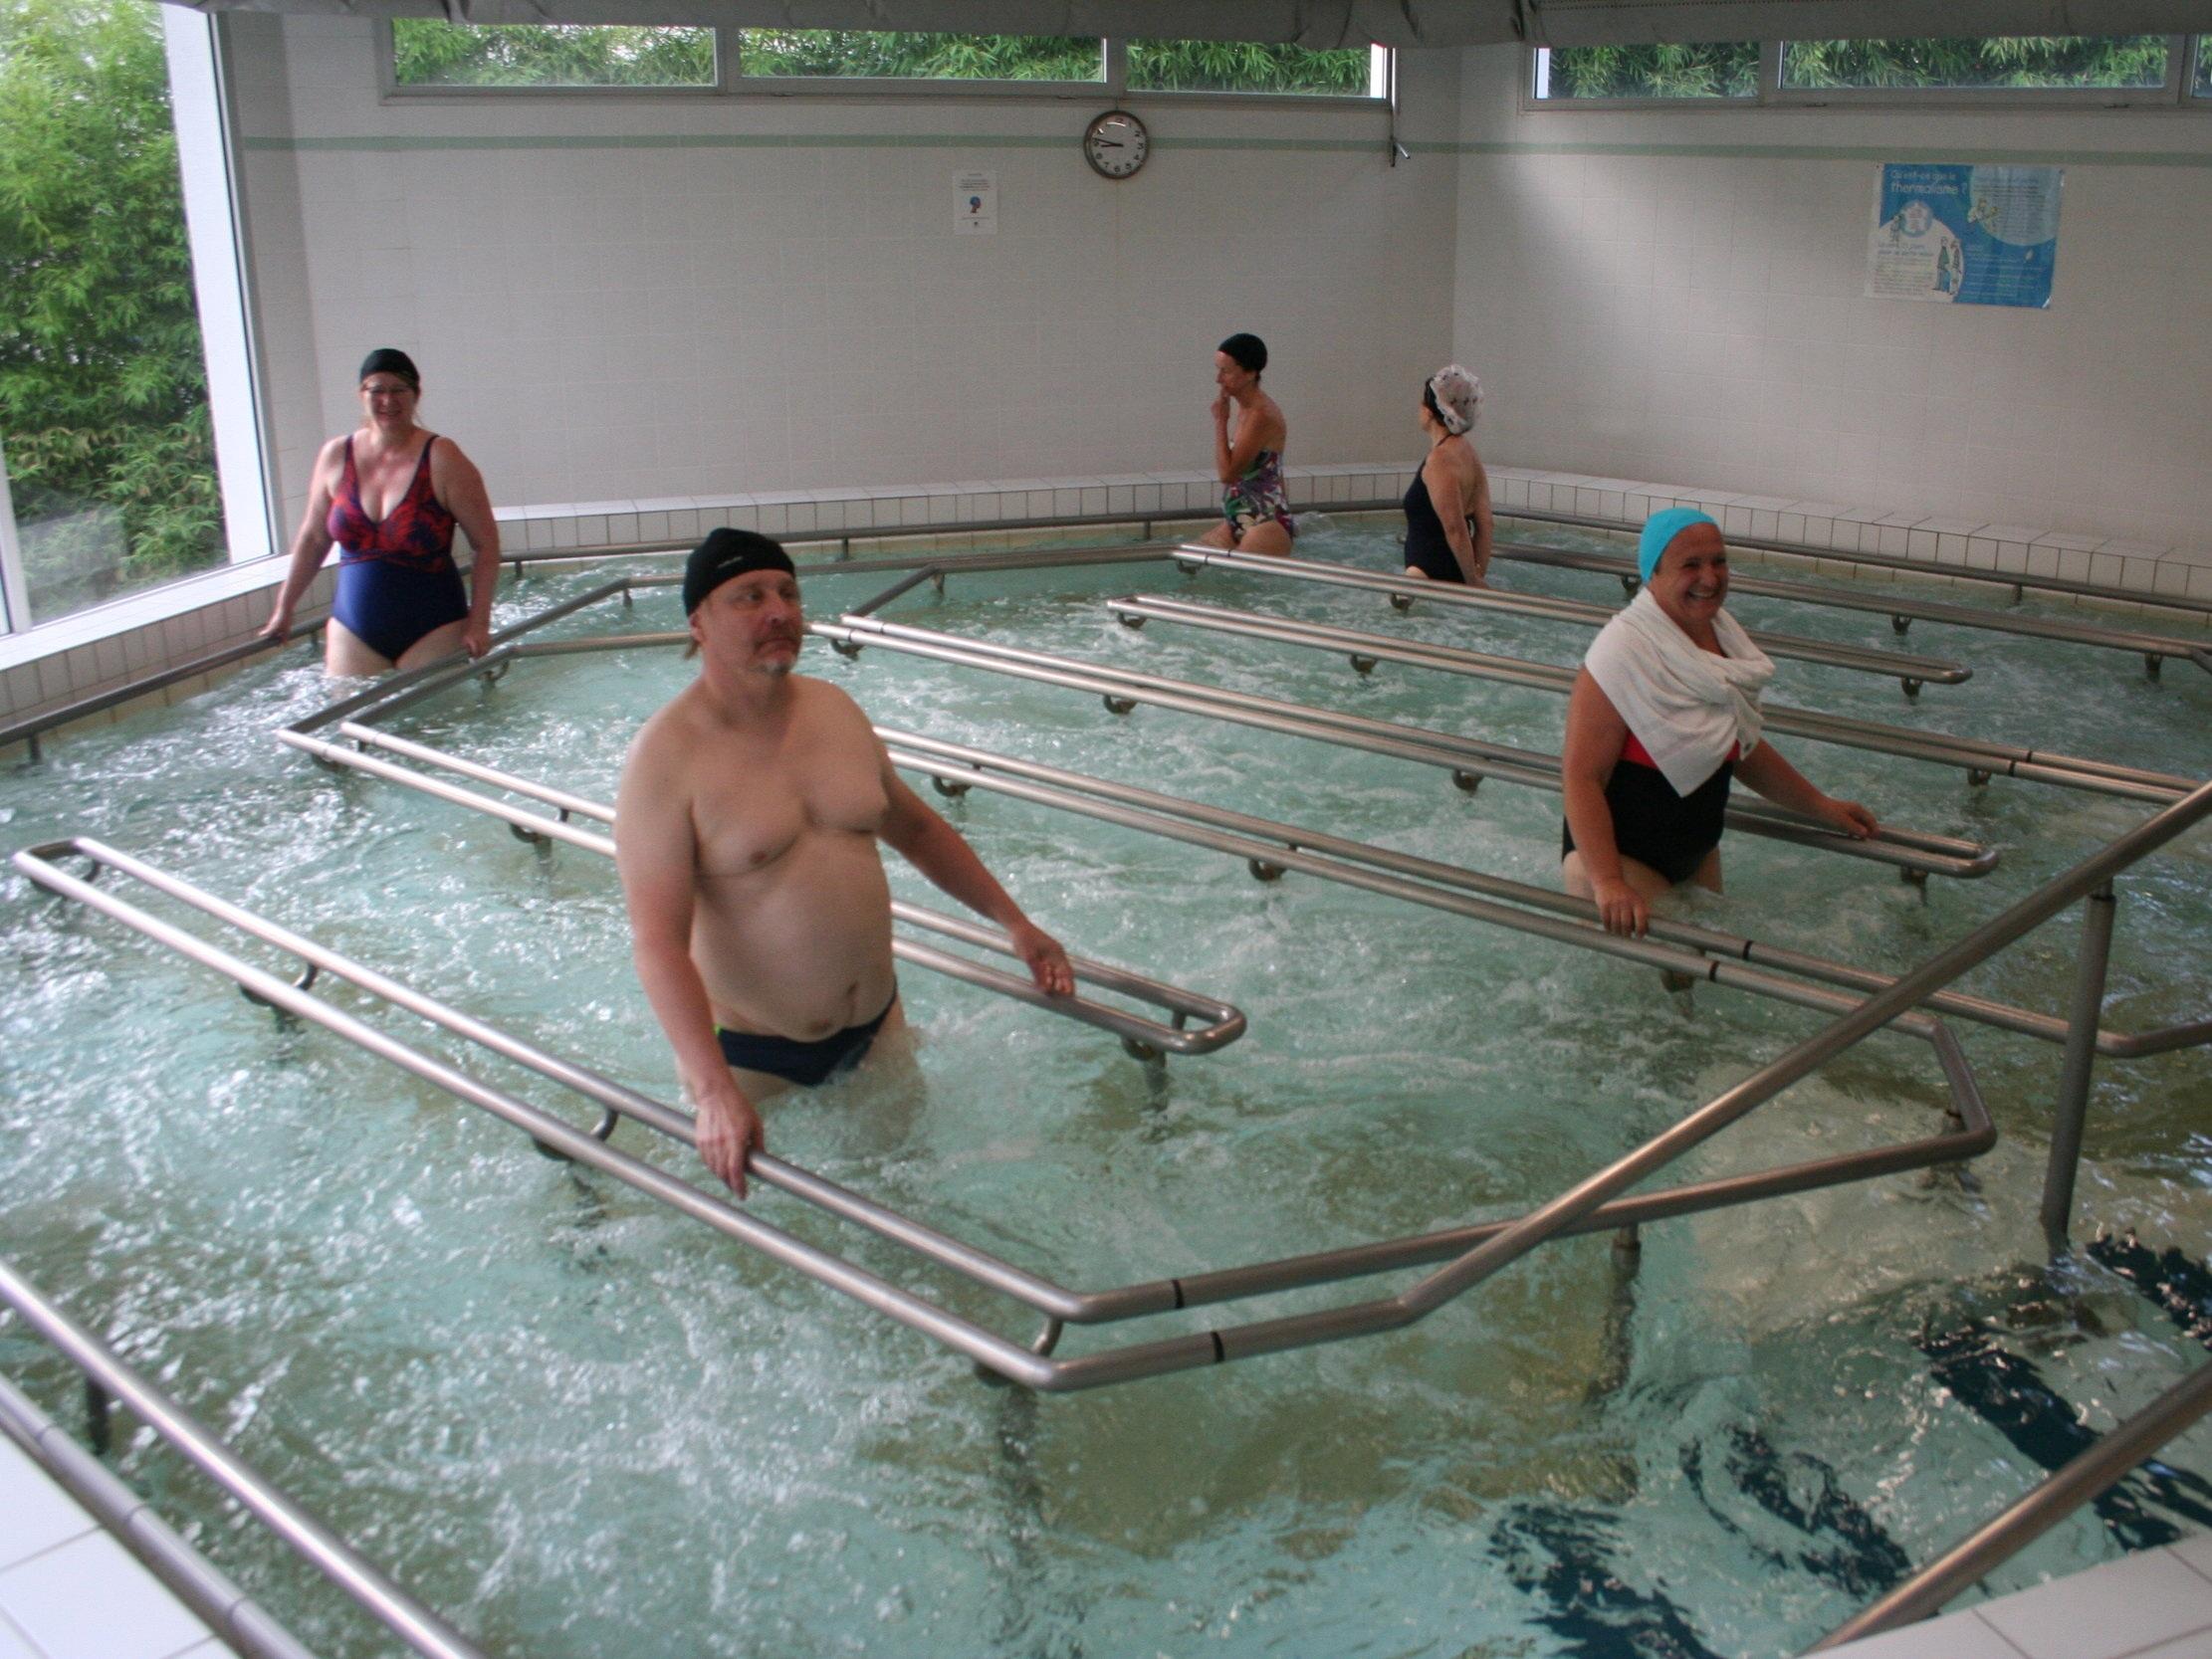 Parcours de marche - SOIN DE PHLÉBOLOGIEDéambulation dans une piscine d'eau thermale de 26 à 28°C parcourue de bulles d'air sous pression.Durée du soin : 20minEffets : favorise le retour sanguin, stimulation de la voûte plantaire.